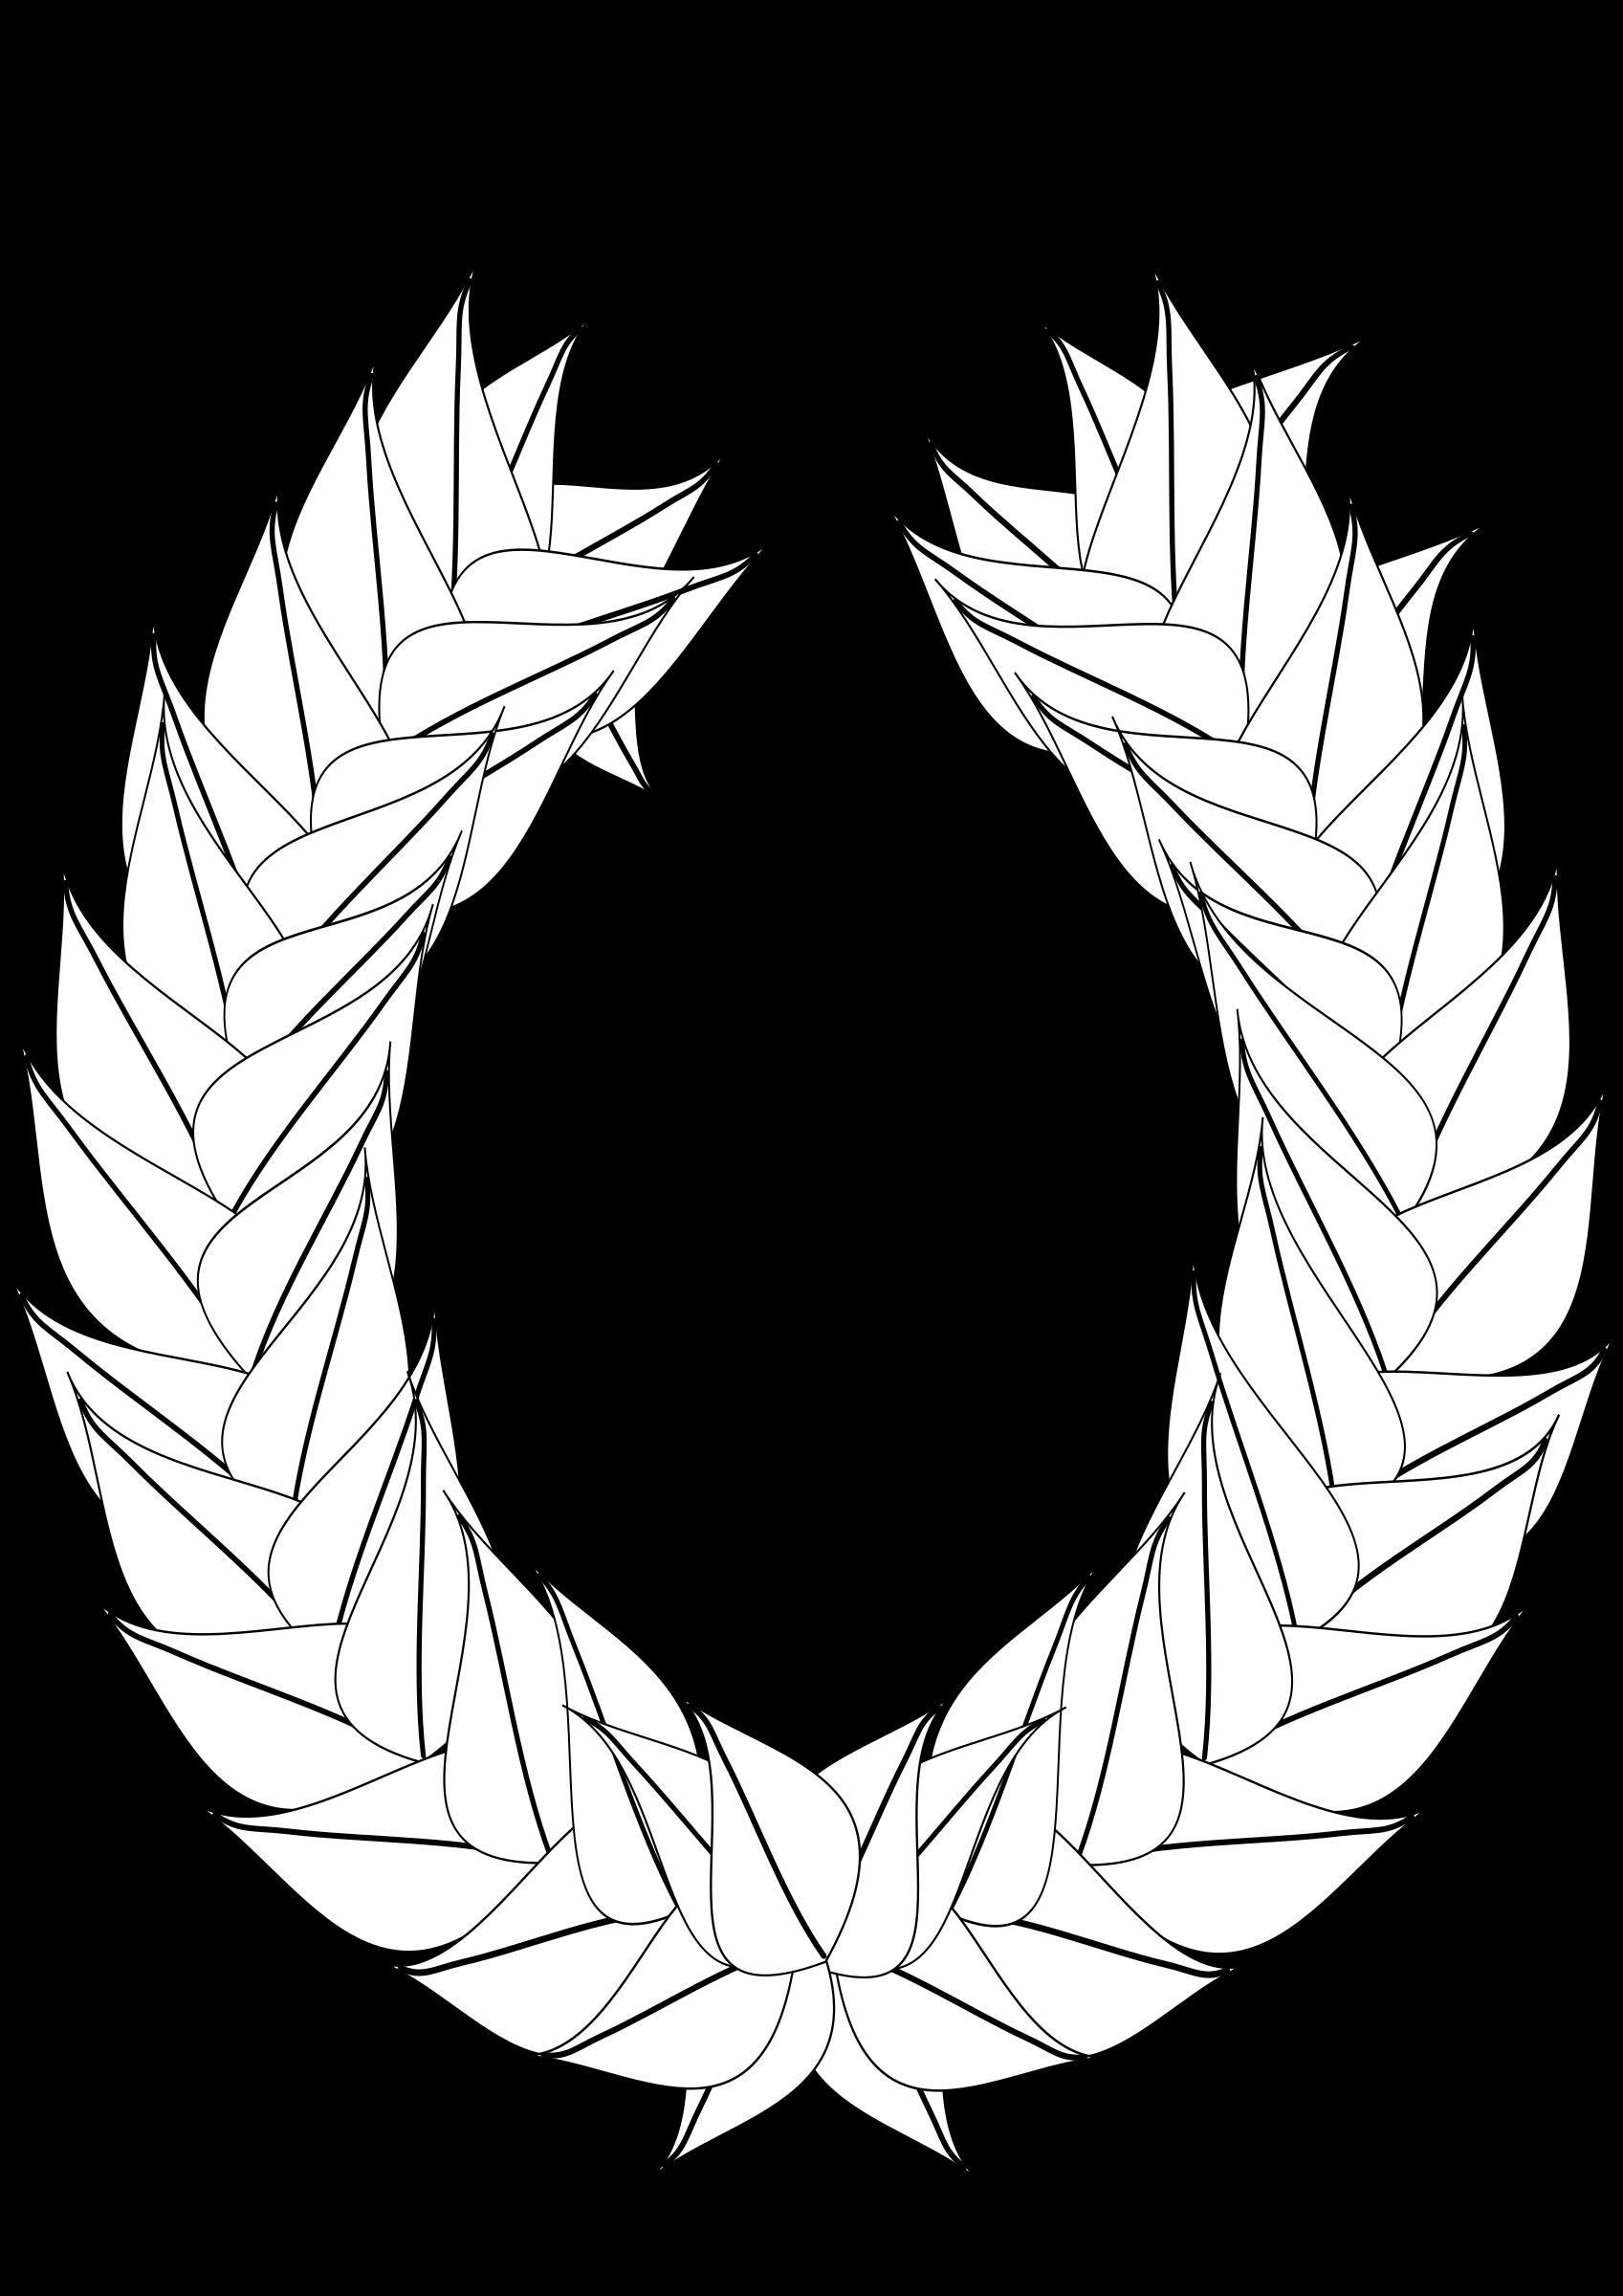 Greek clipart laurel wreath. Blank outline big image